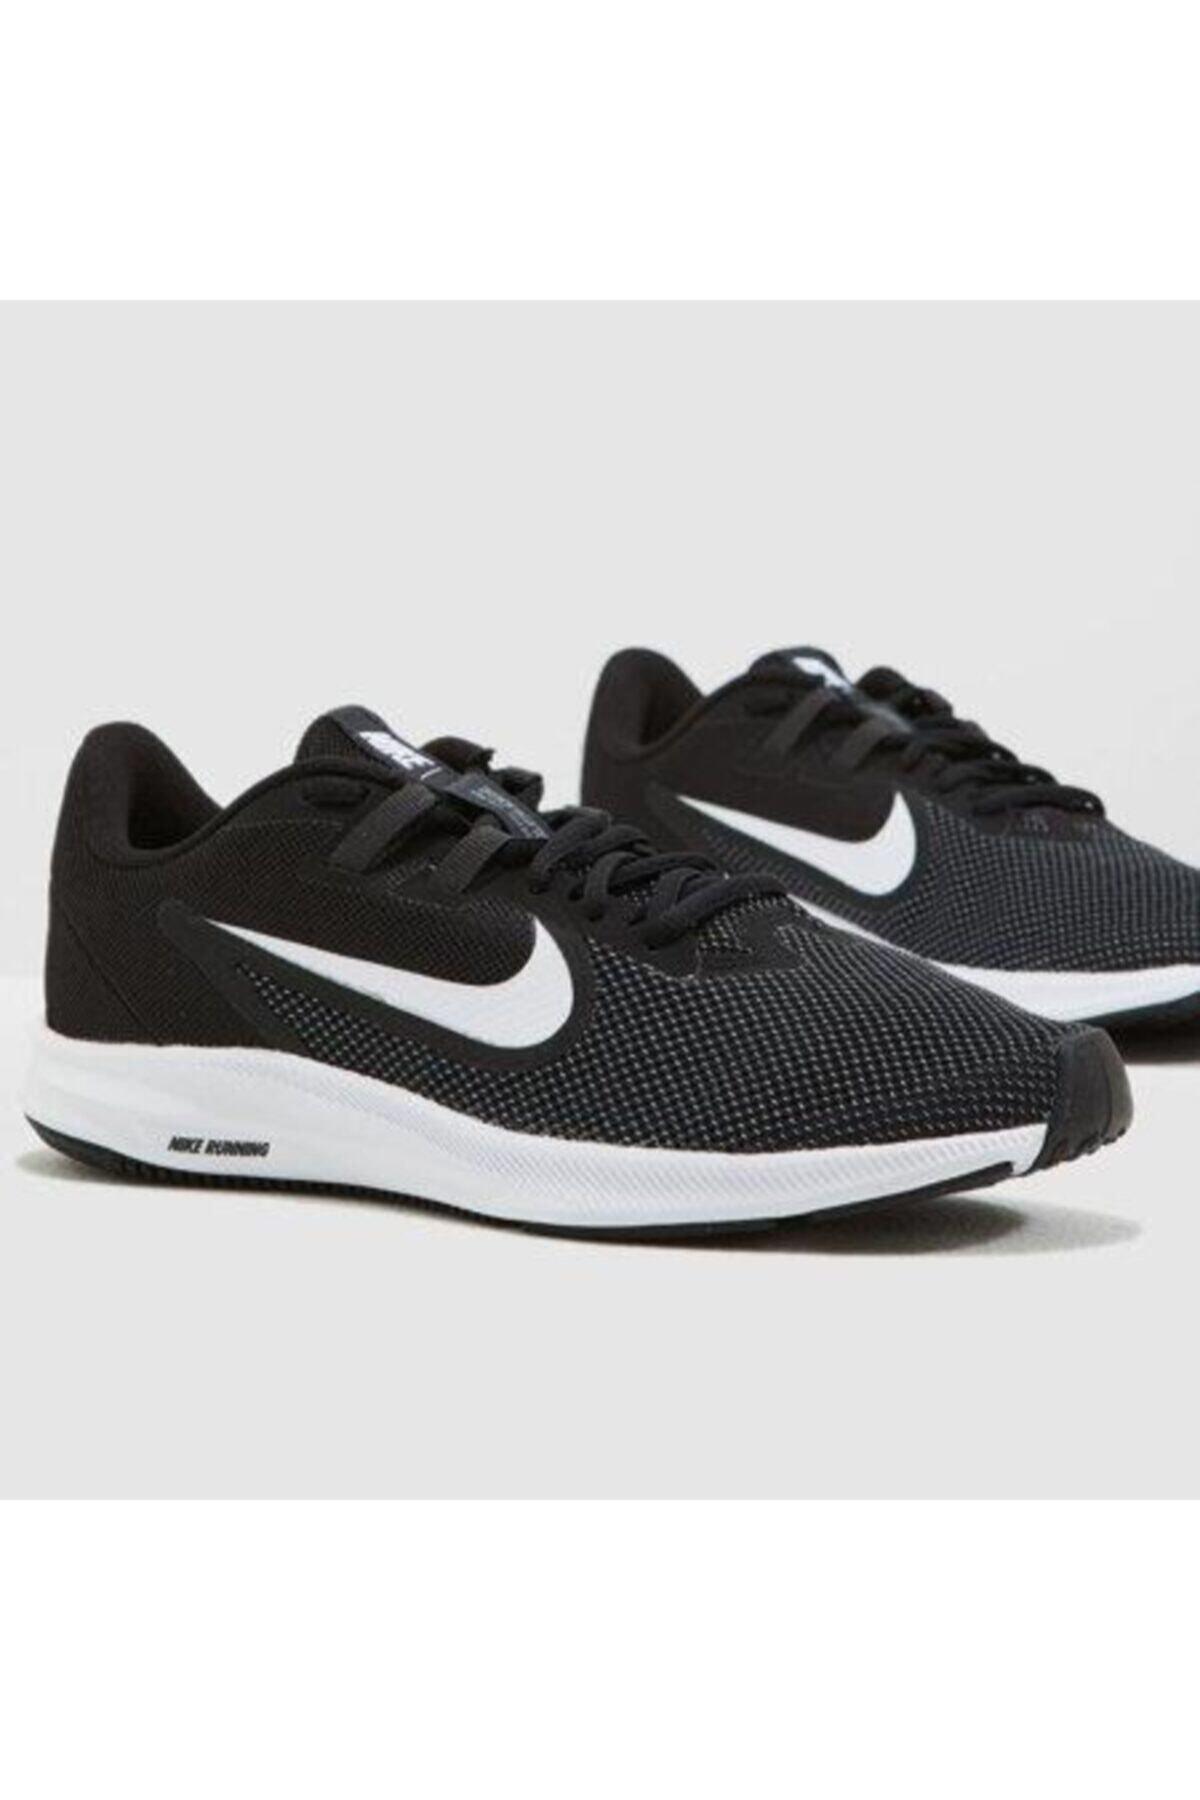 Nike Nıke Downshıfter 9 Wmns Kadın Spor Ayakkabı - Aq7486-001 1